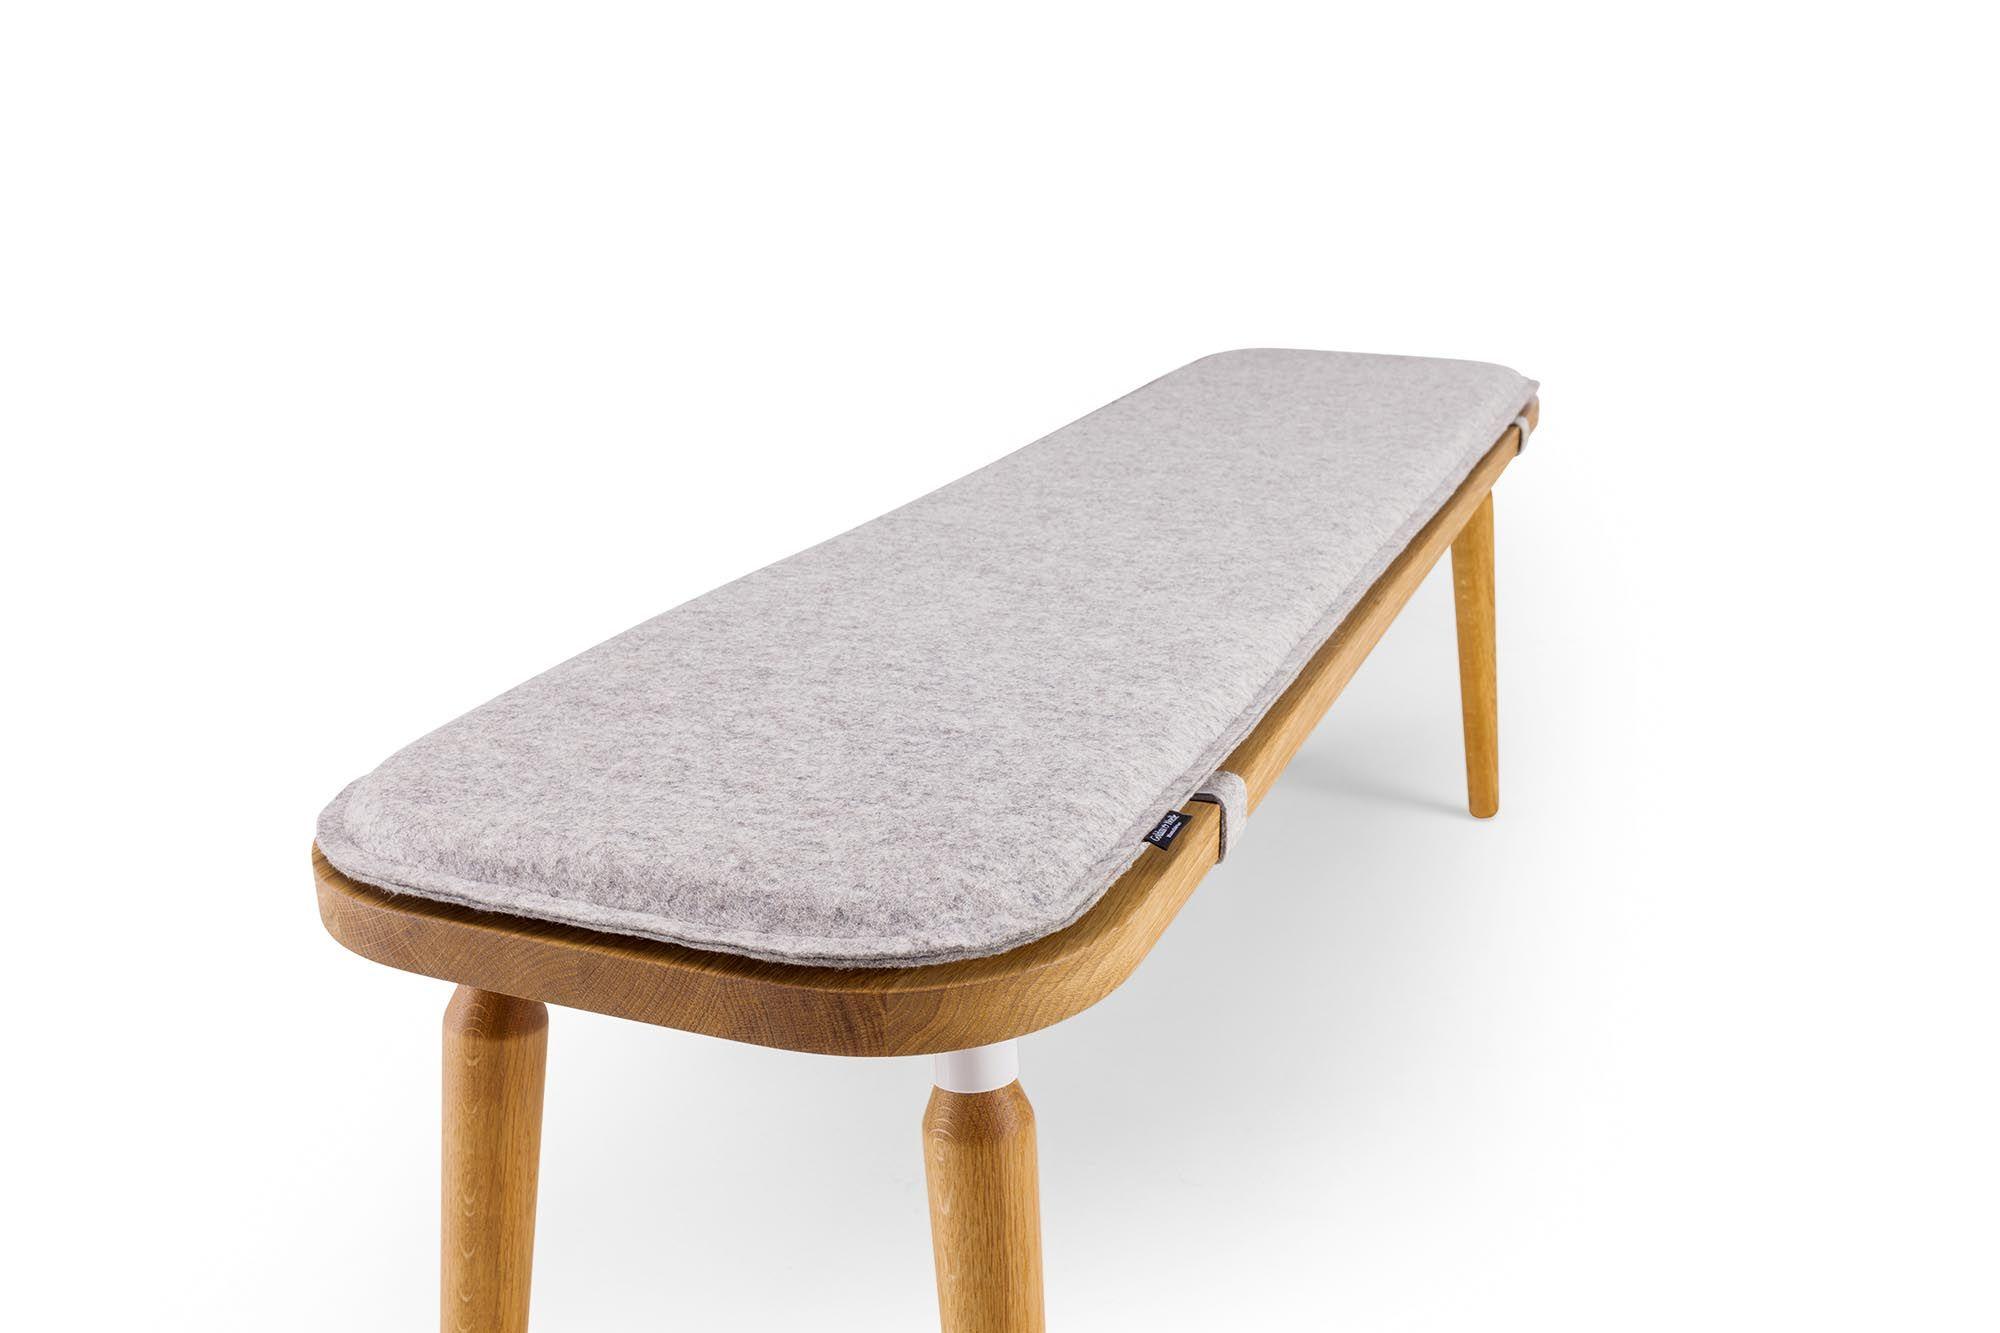 Bank Linda Massivholz Bank Mit Auflage Goldau Noelle Manufaktur Furniture Bench Designs Wood Design